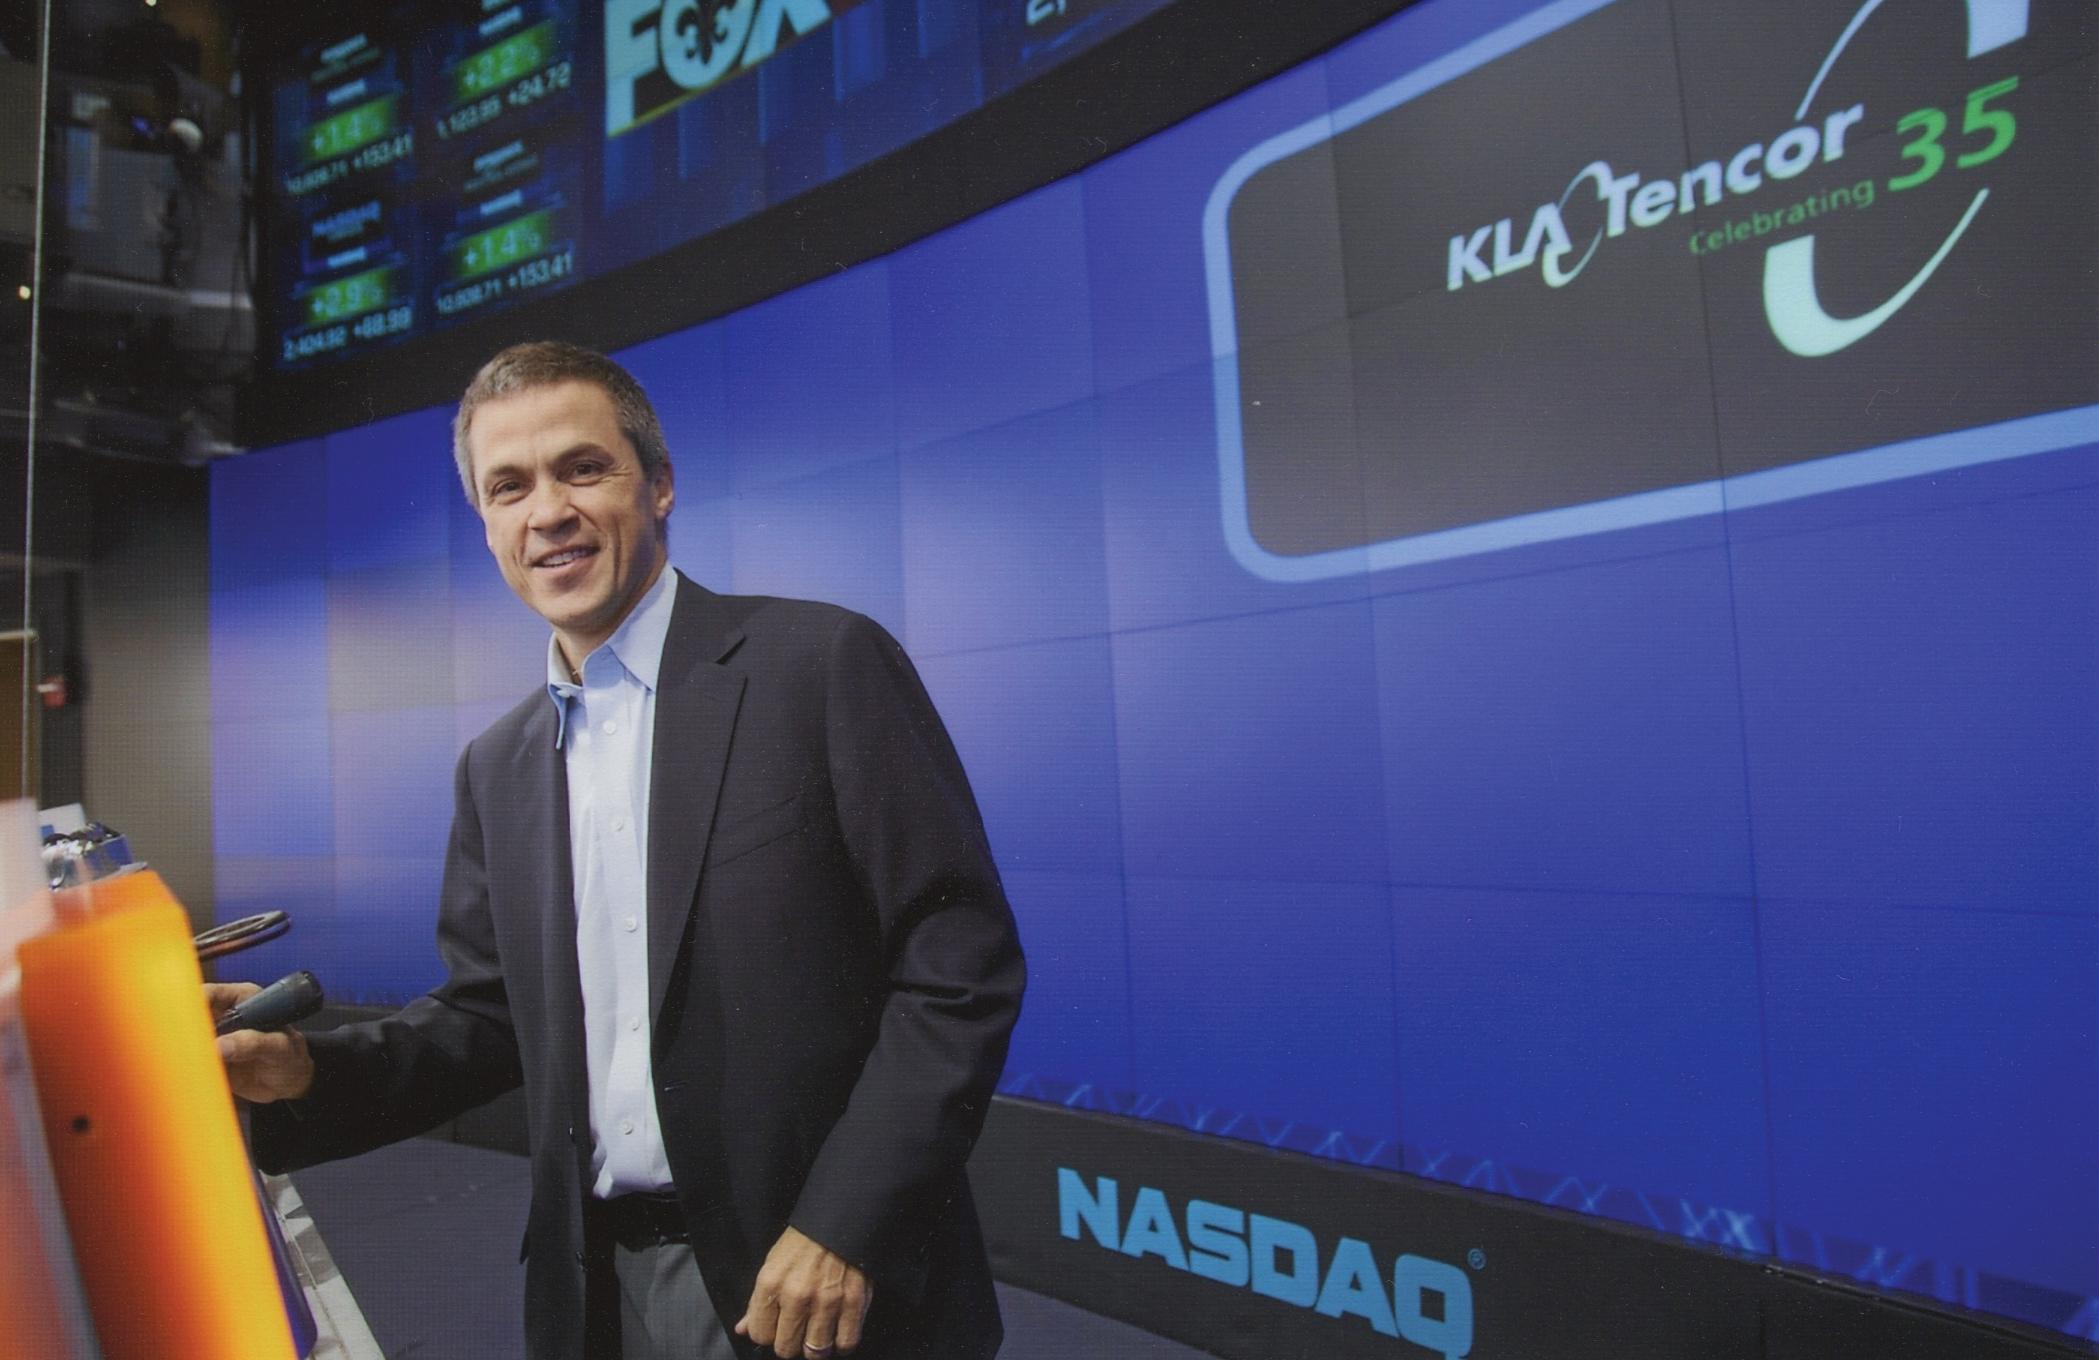 Rick Wallace, CEO of KLA-Tencor